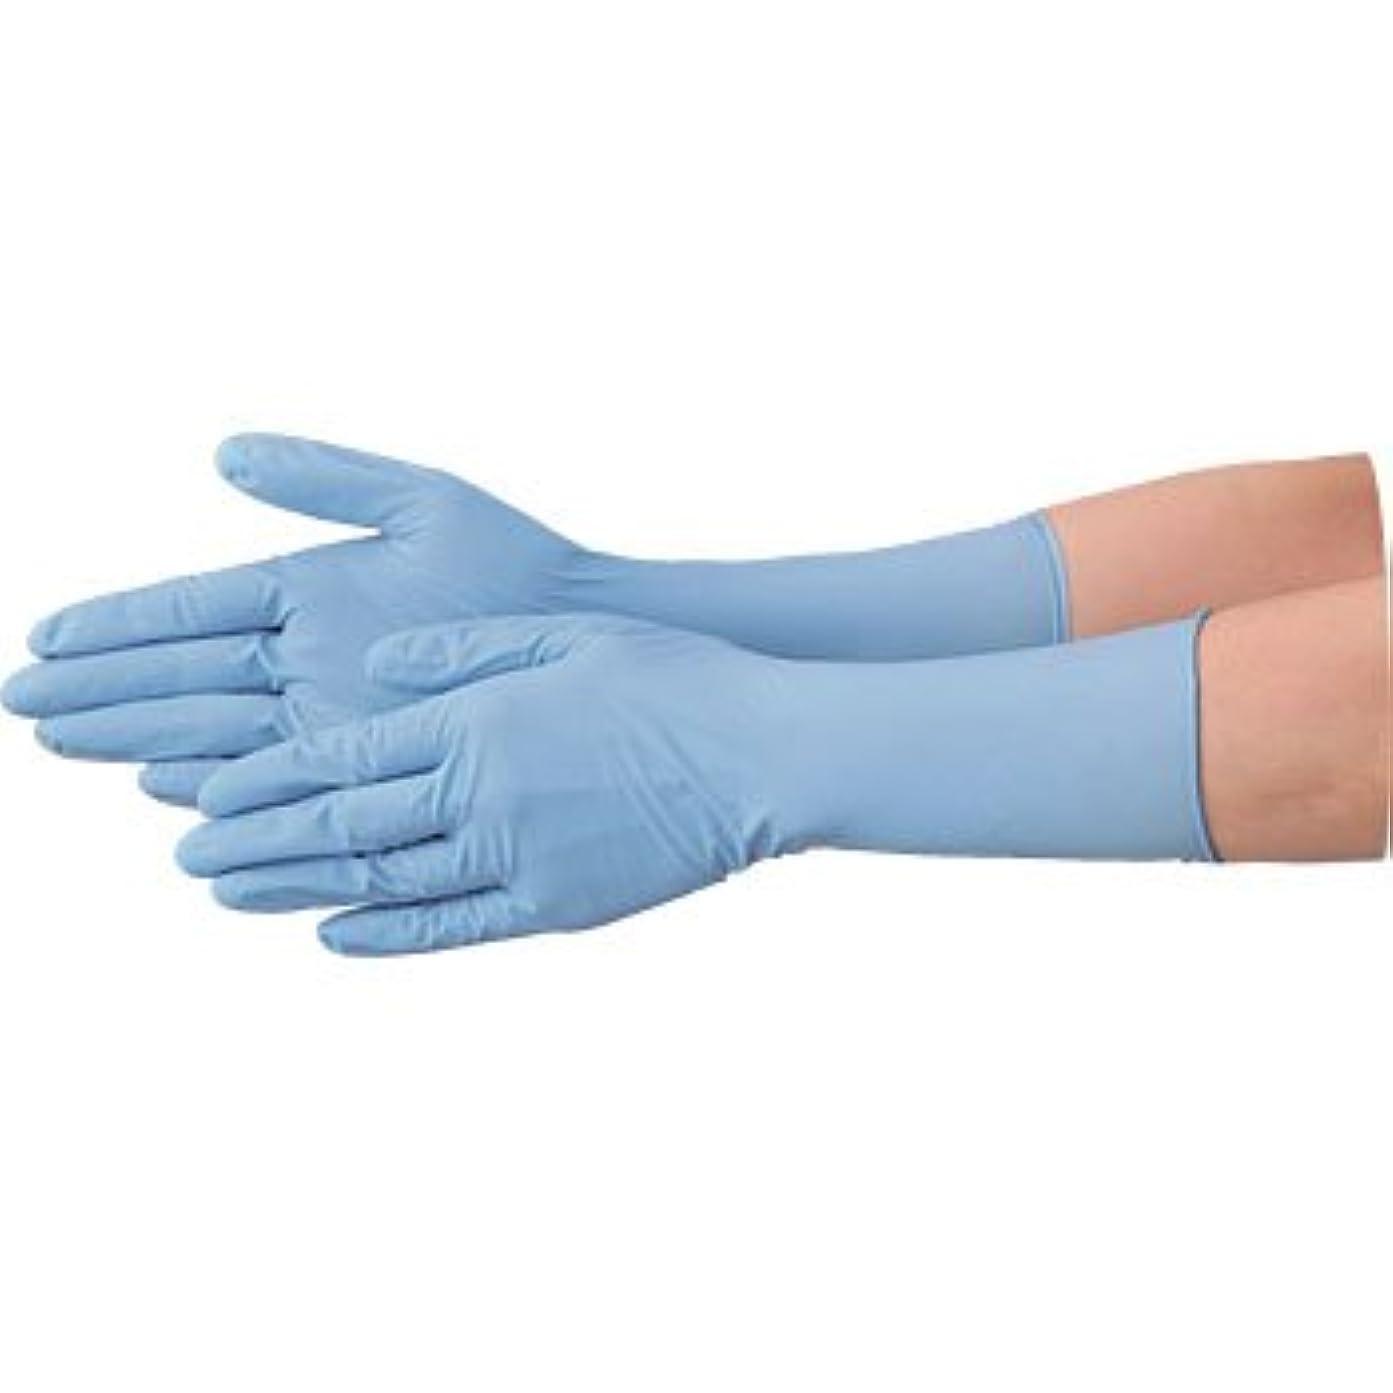 豚肉フルーツ野菜霜使い捨て 手袋 エブノ 528 ニトリル ロング手袋 パウダーフリー 全長29cm ブルー Sサイズ 2ケース(100枚×40箱)